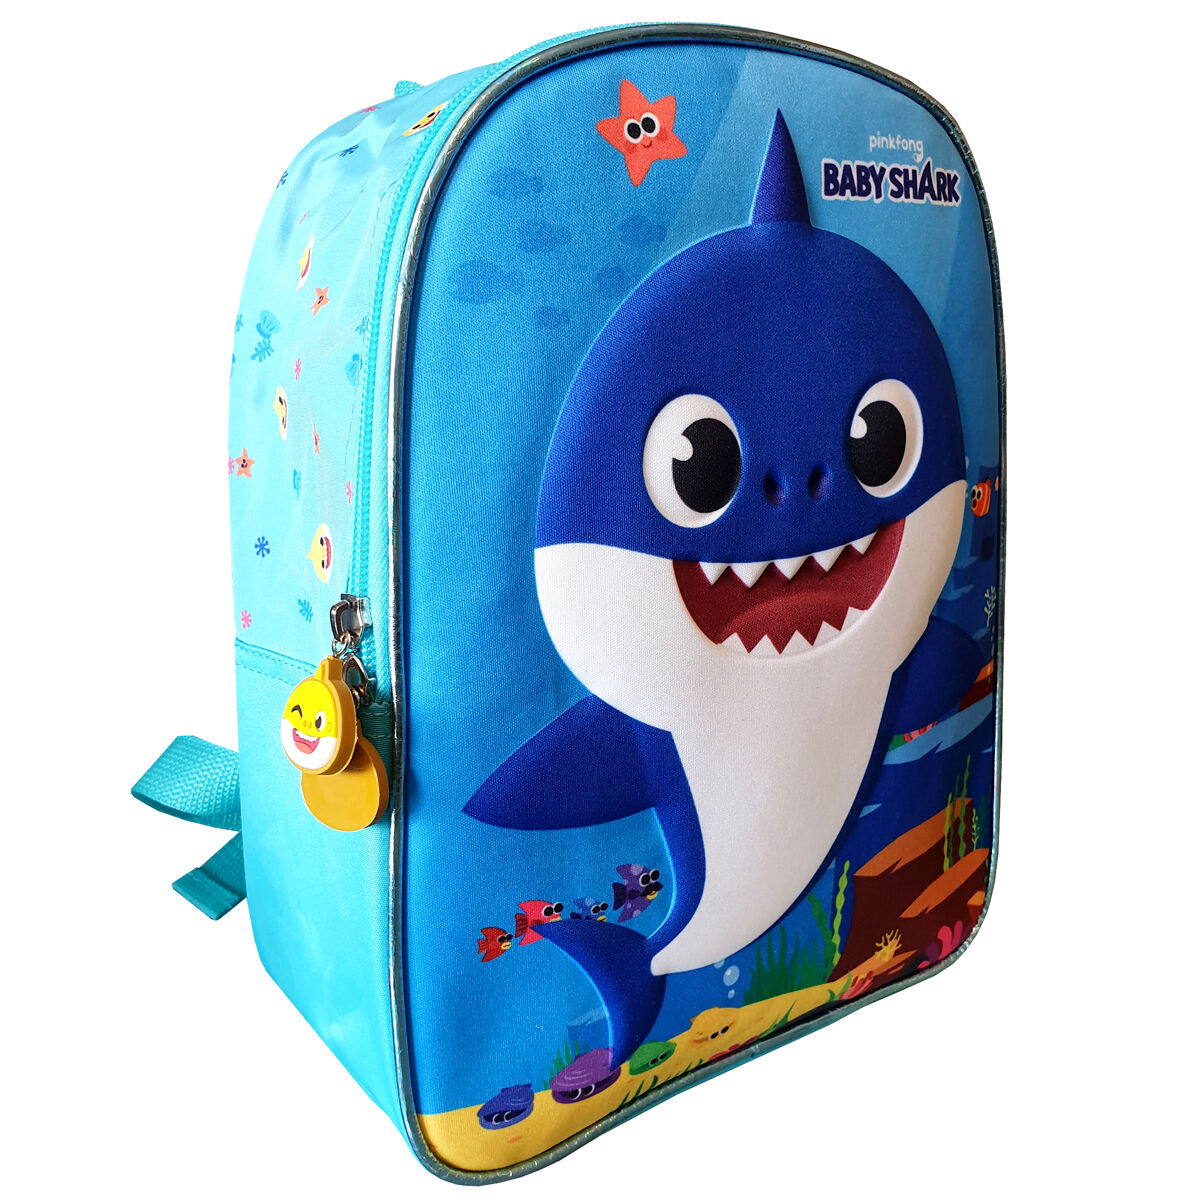 Mochila Daddy Shark Baby Shark 28cm 8426842083087